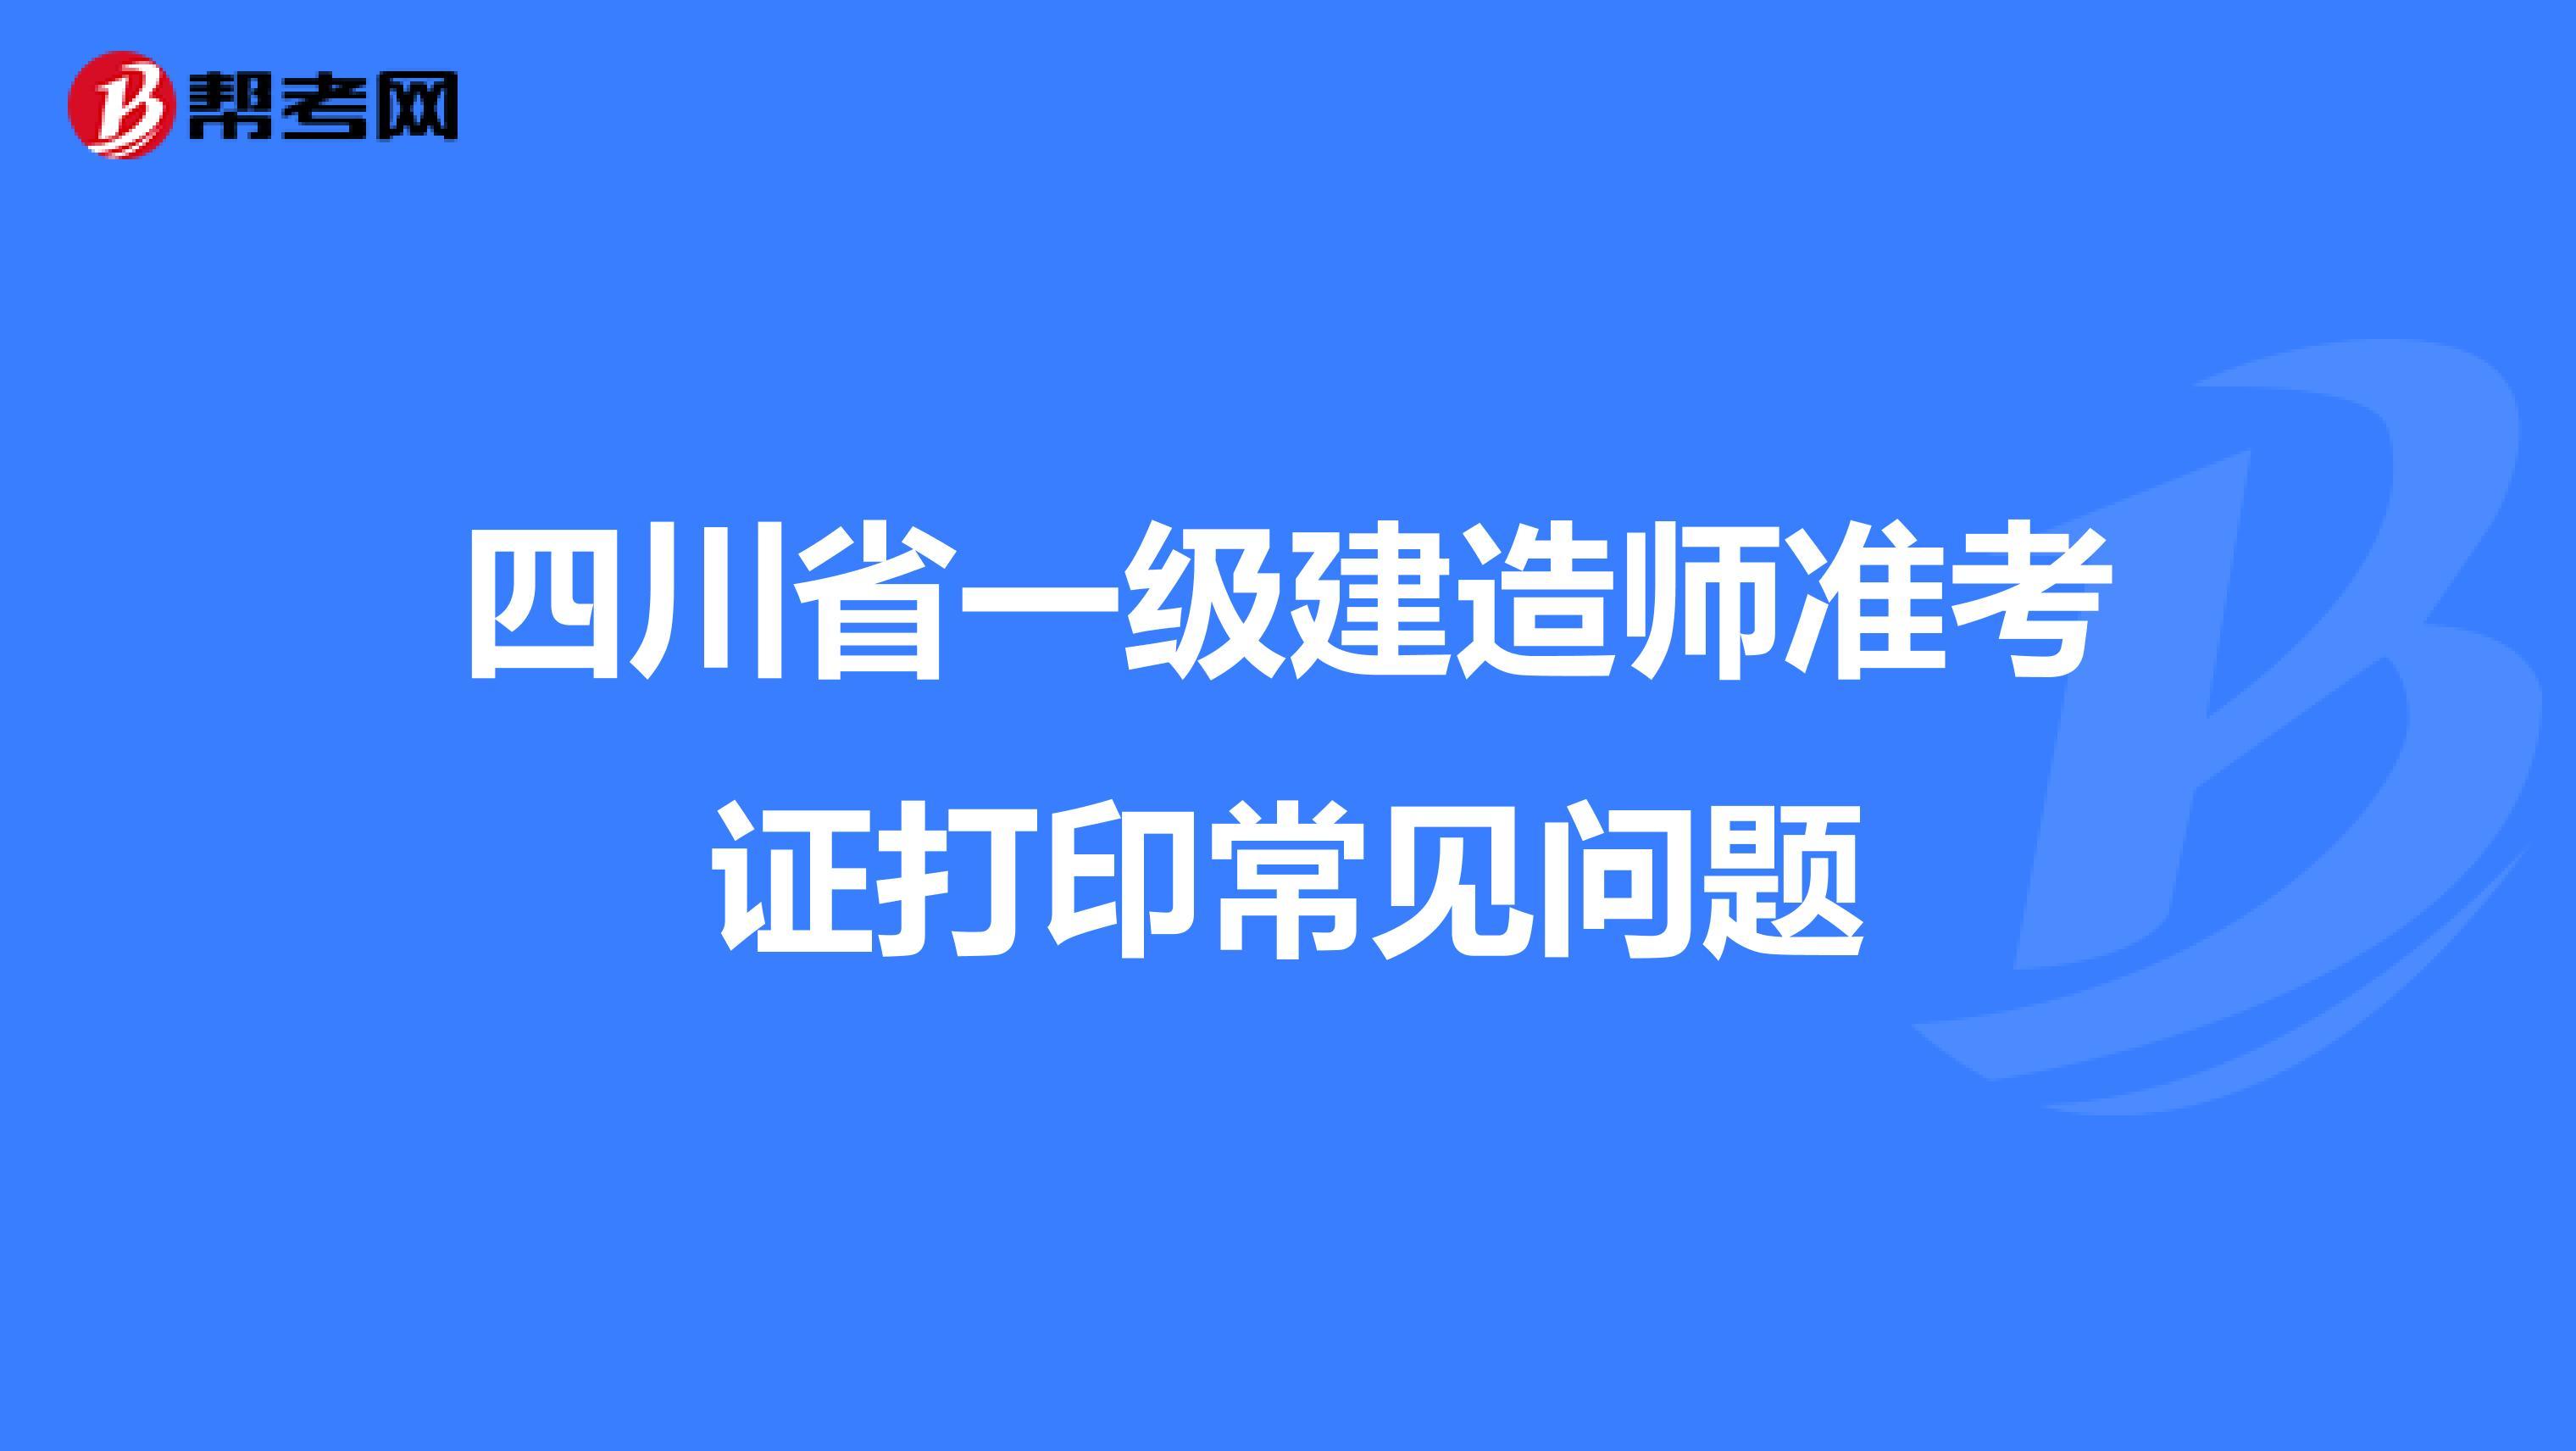 四川一级建造师准考证打印9月18日截止